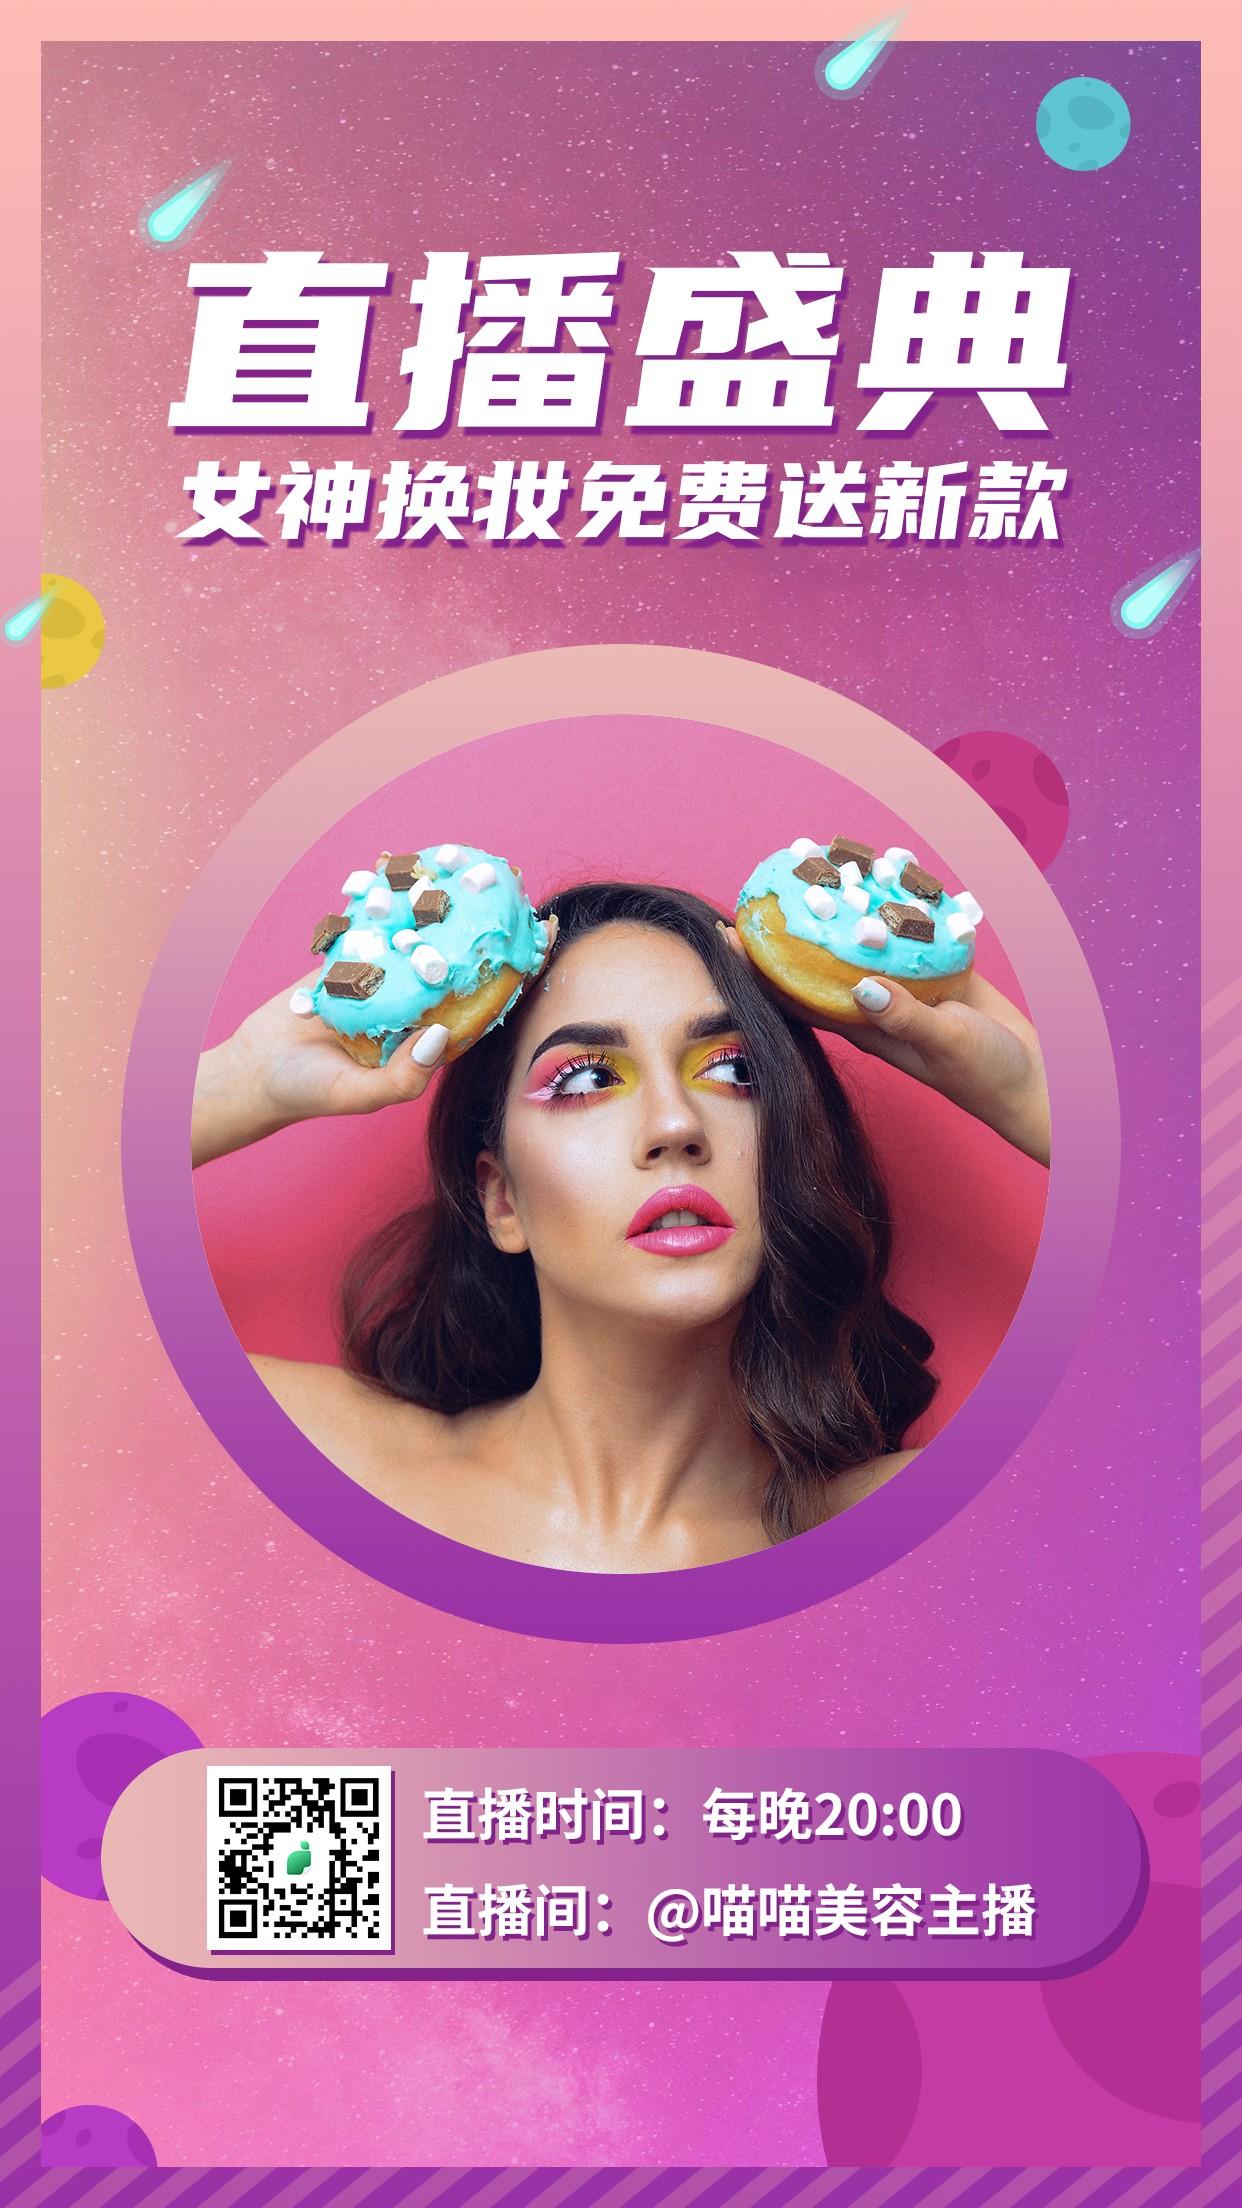 酷炫美容美妆直播手机海报